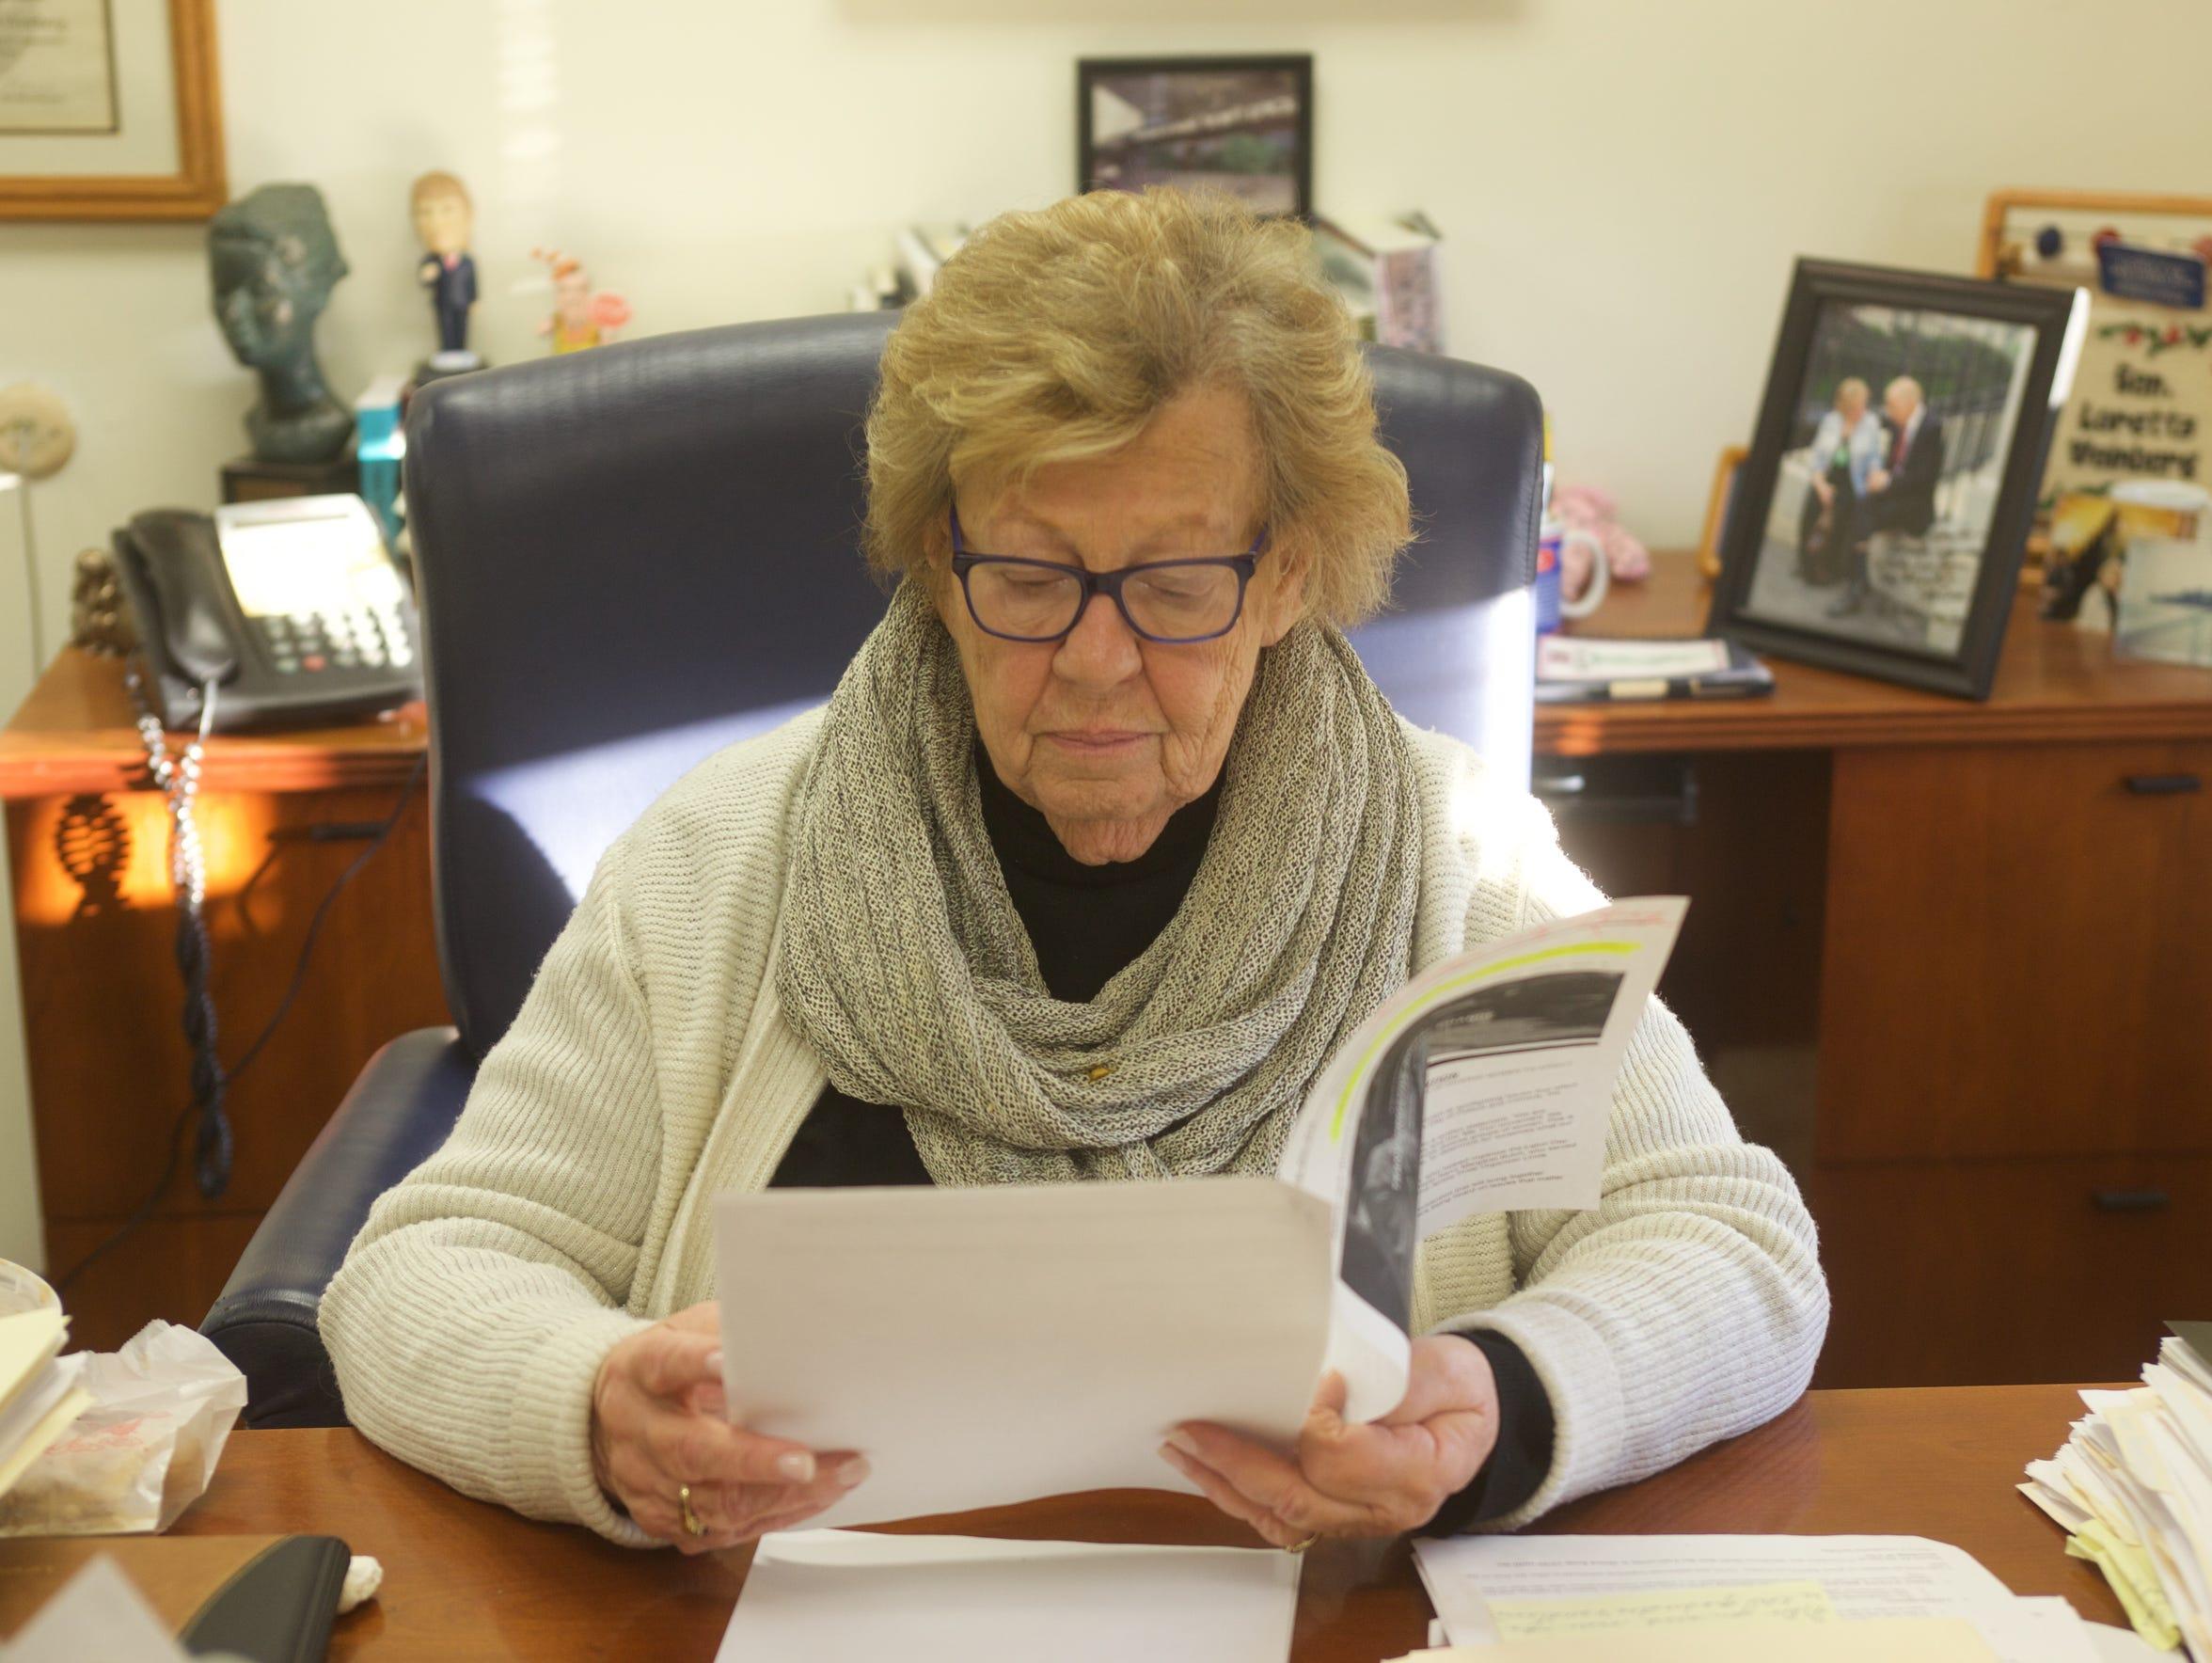 State Sen. Loretta Weinberg, D-Bergen